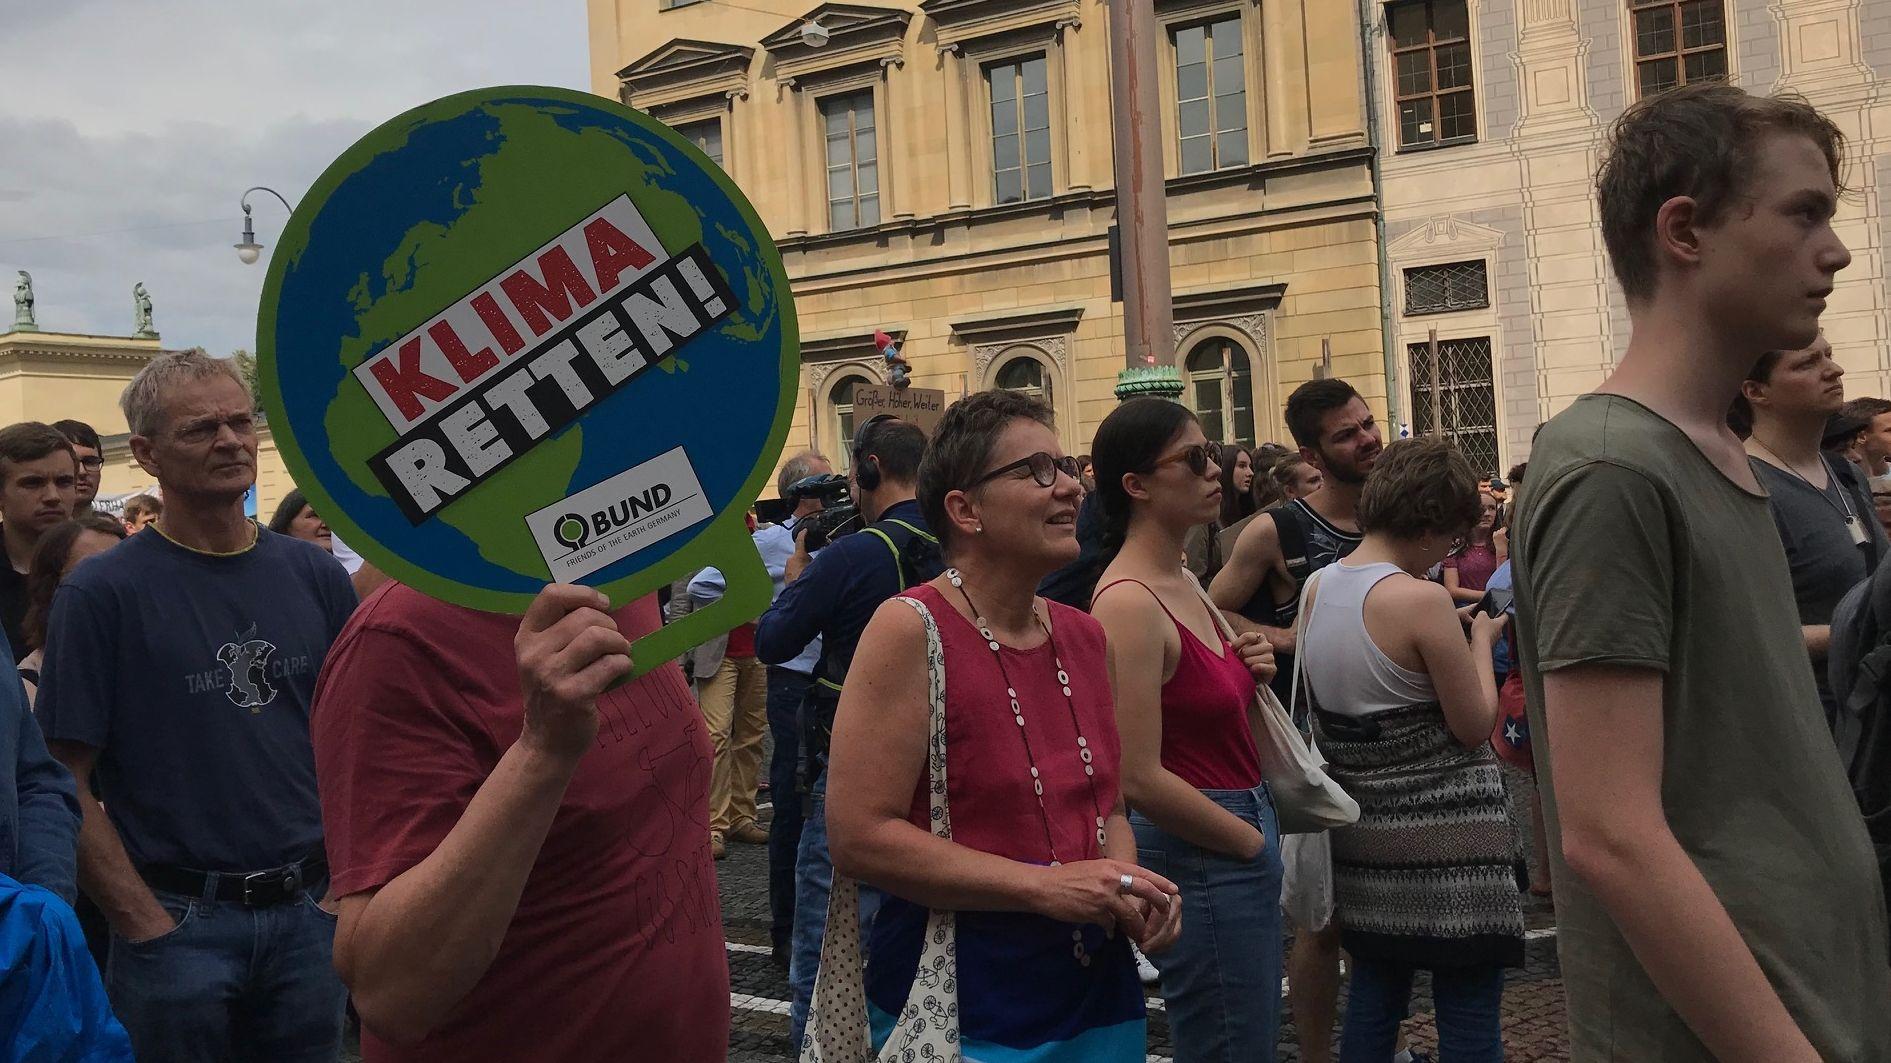 """Demonstranten von """"Munich for Future"""" unter wolkemverhangenen Himmel auf dem Münchner Odeonsplatz. Ein Demonstant hält eine Schdeibe hoch mit der Aufschrift """"Klima Retten!"""" BUND"""